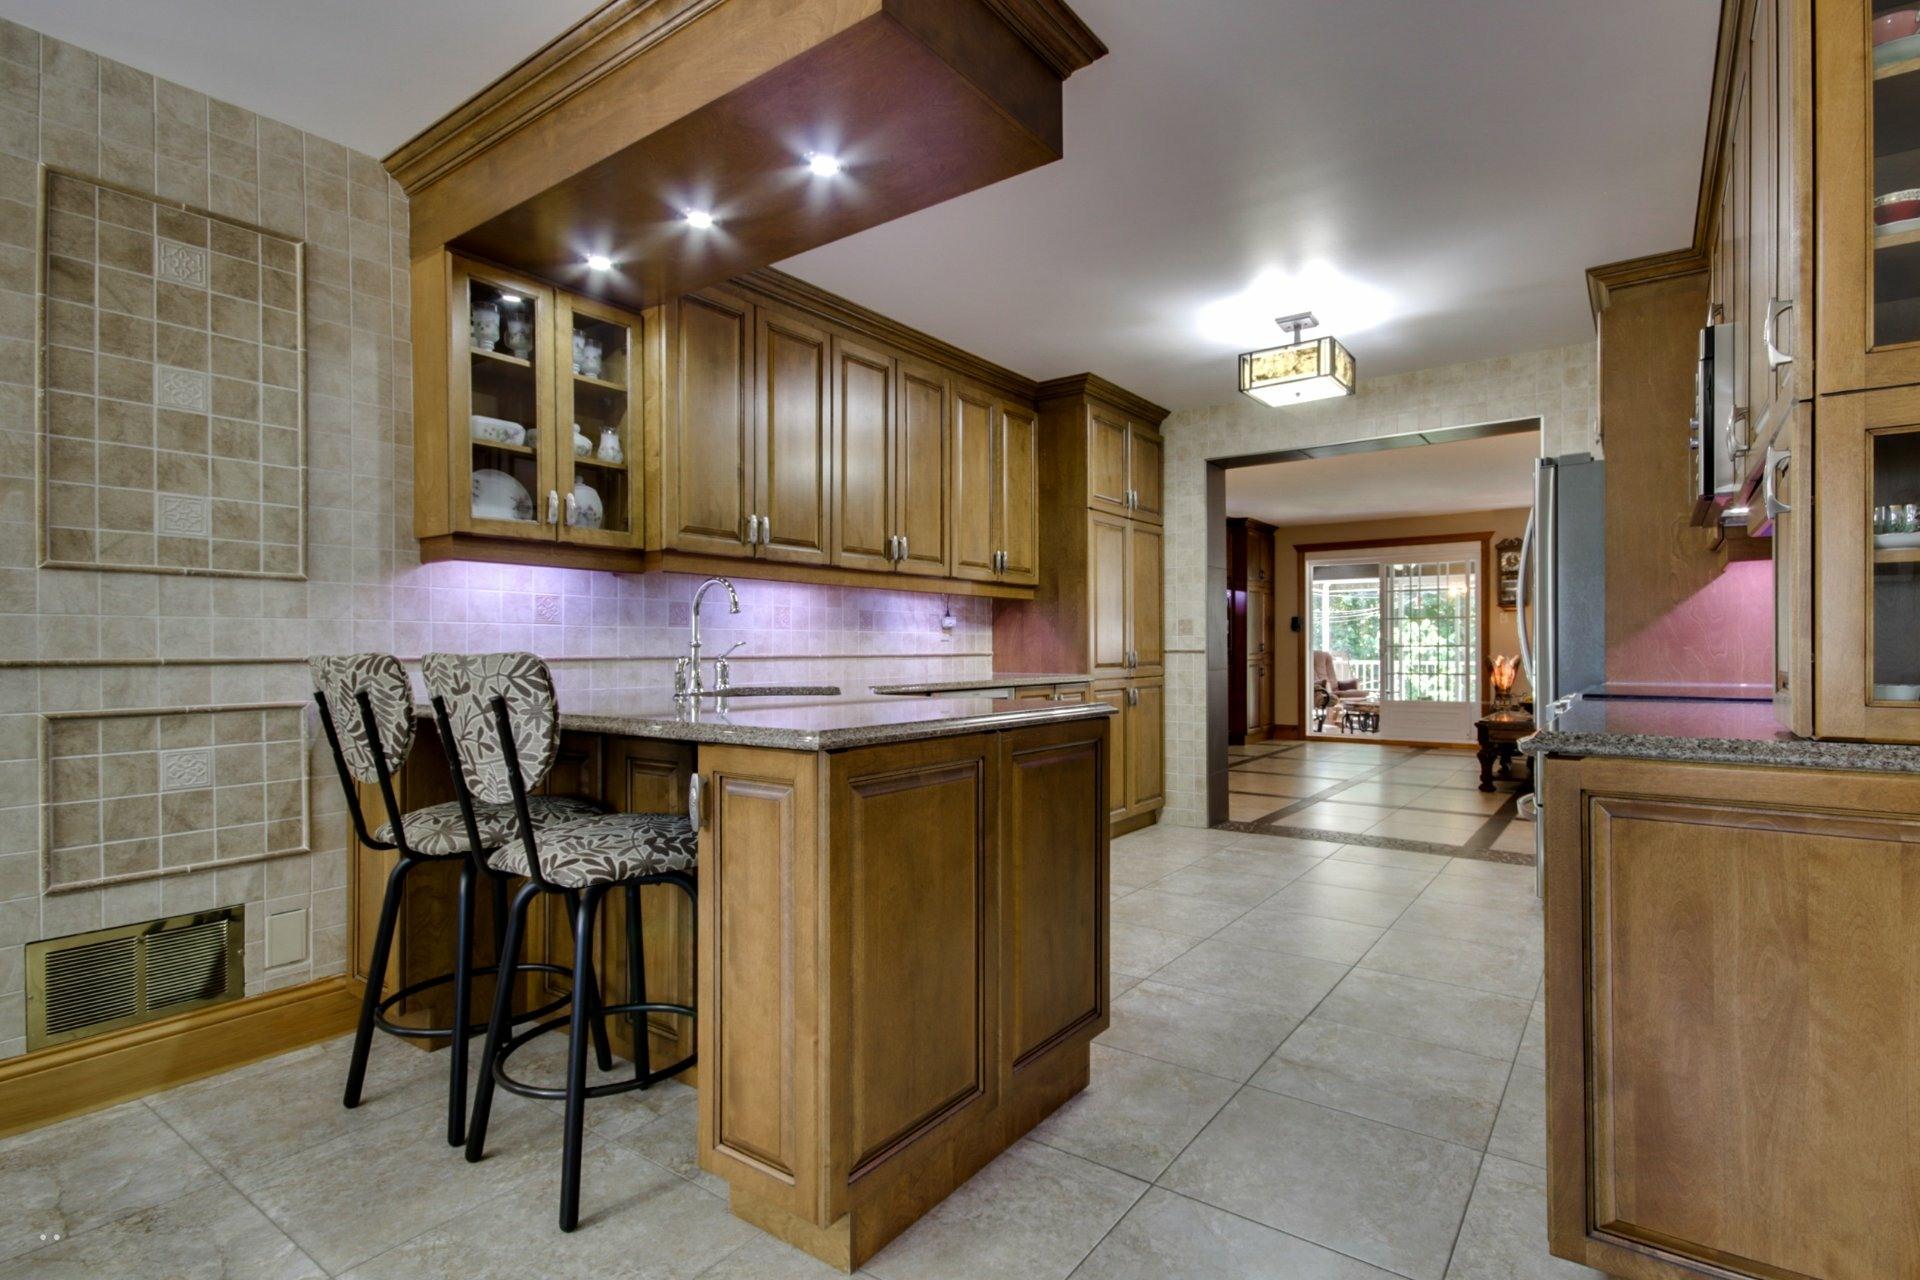 image 5 - Maison À vendre Trois-Rivières